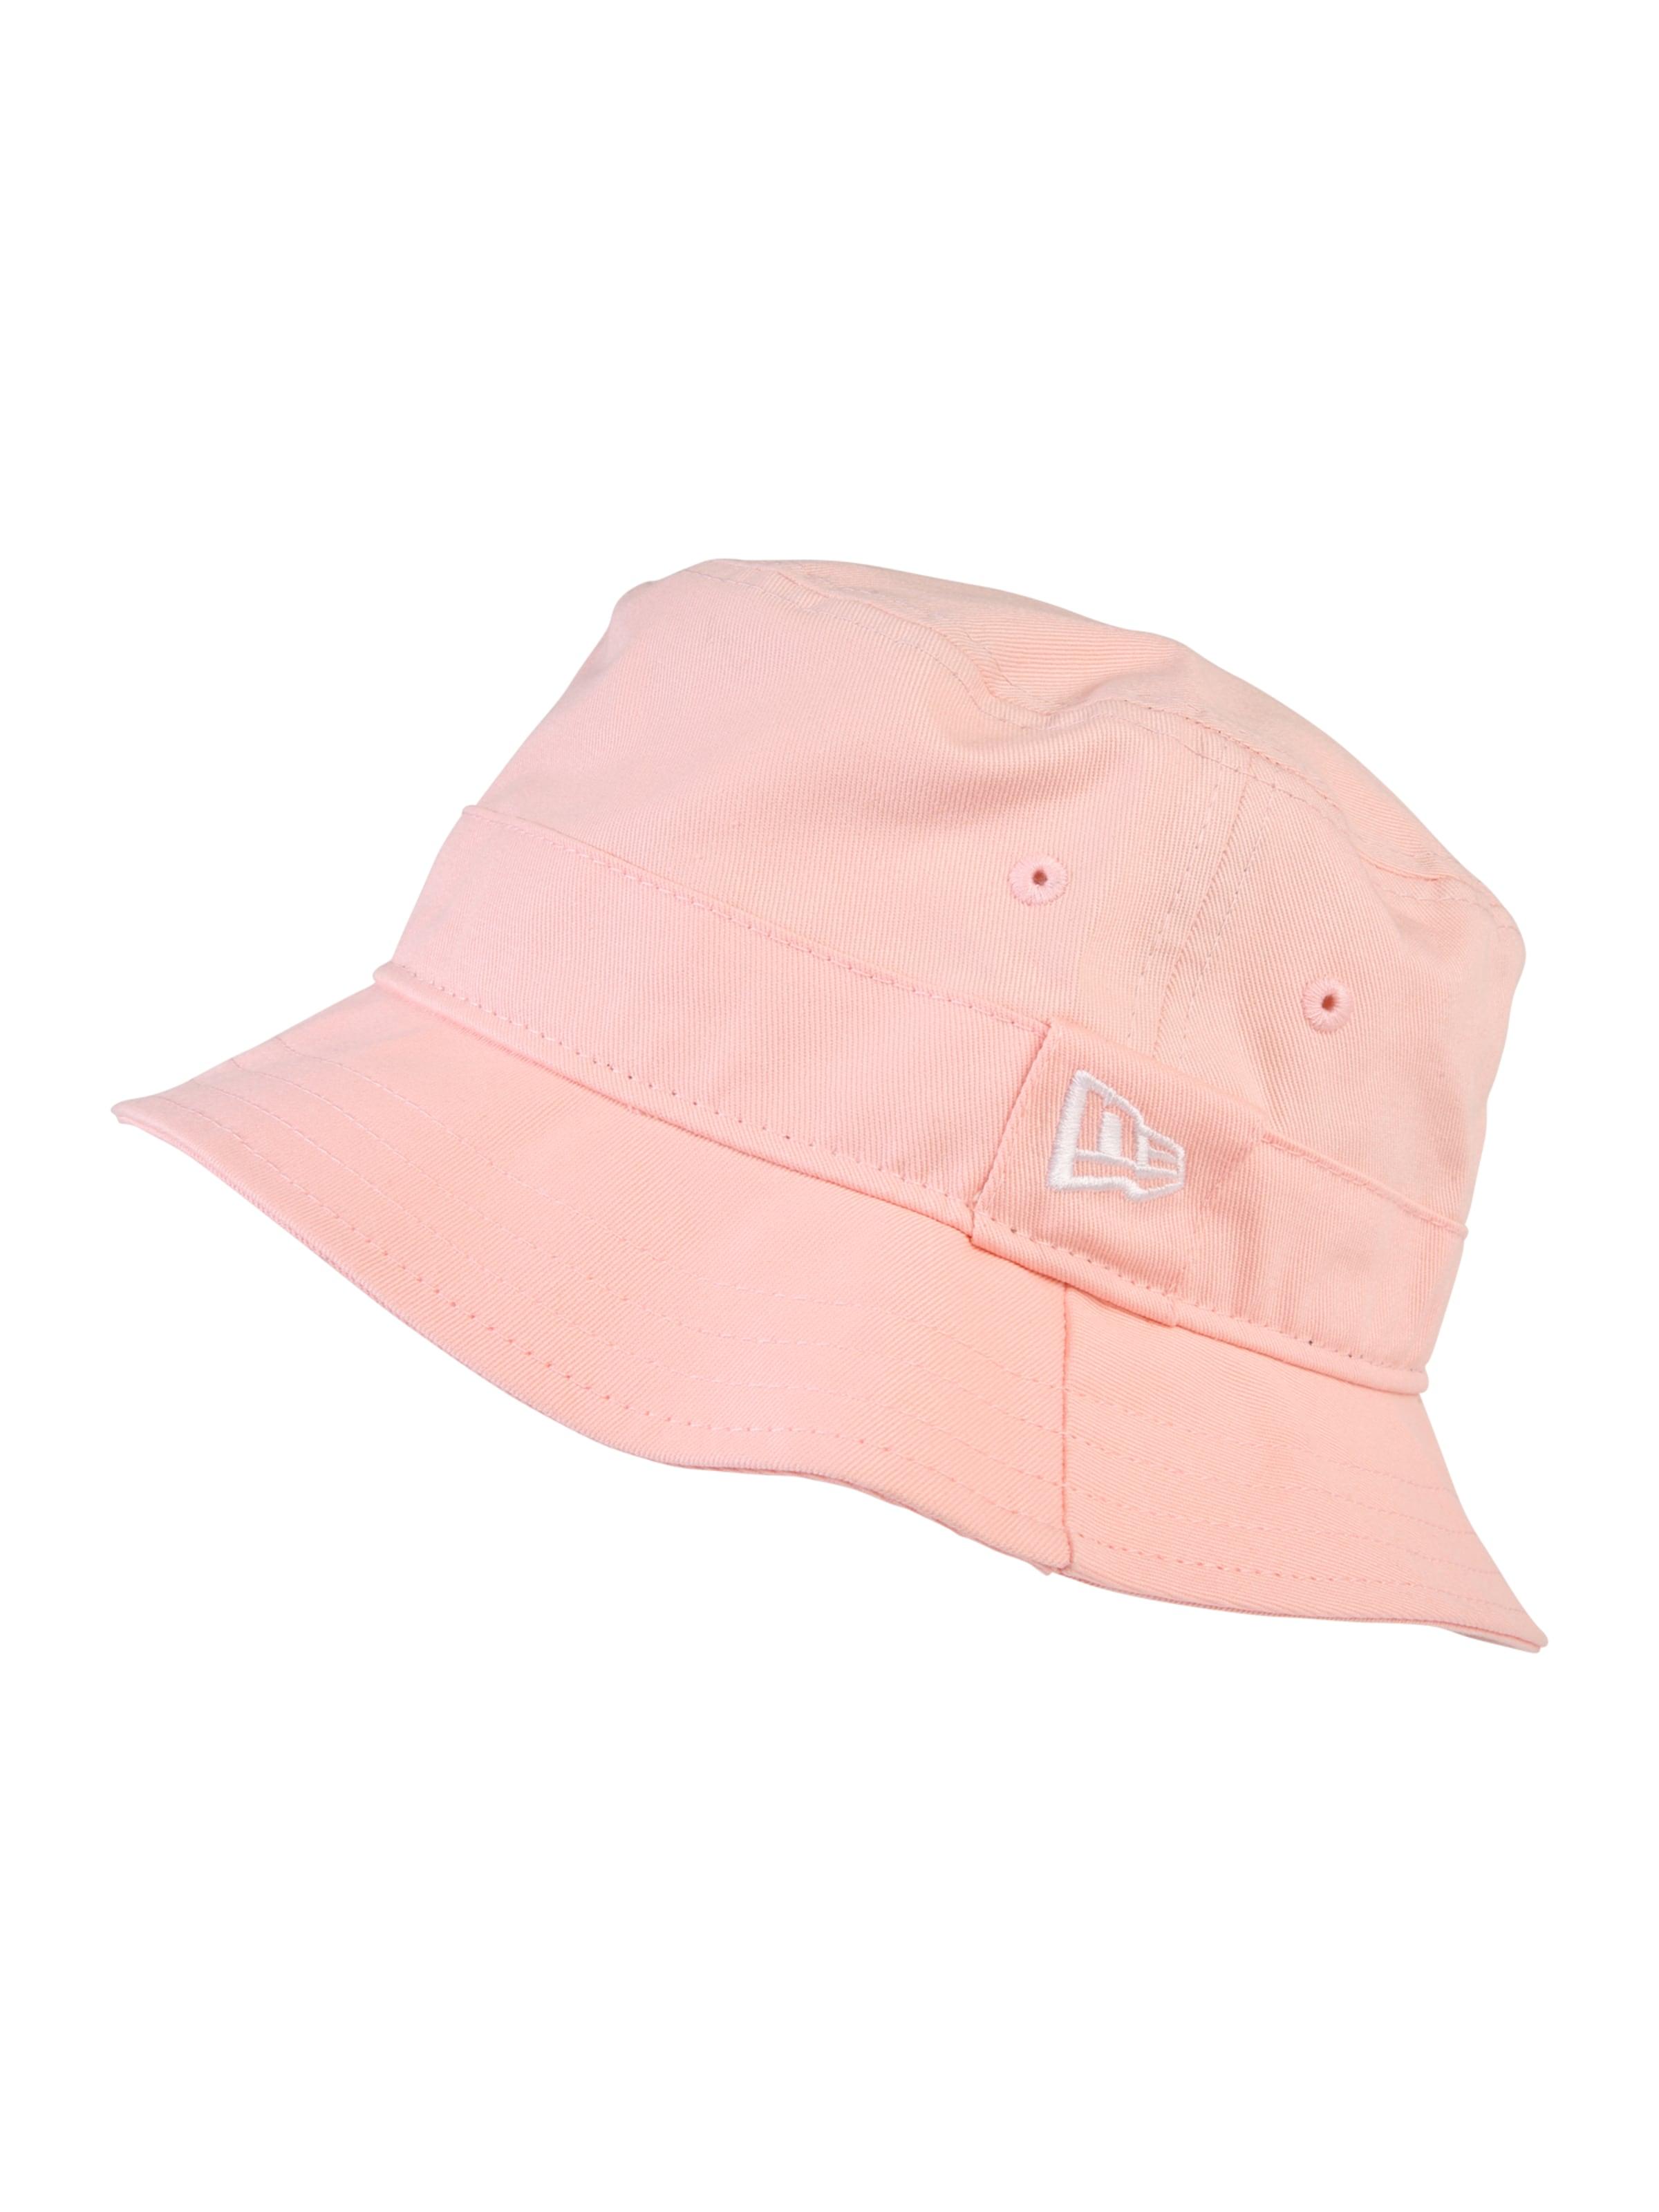 Ne Rose Essential Chapeaux En 'womens Bucket' New Era J5Tlc3uFK1